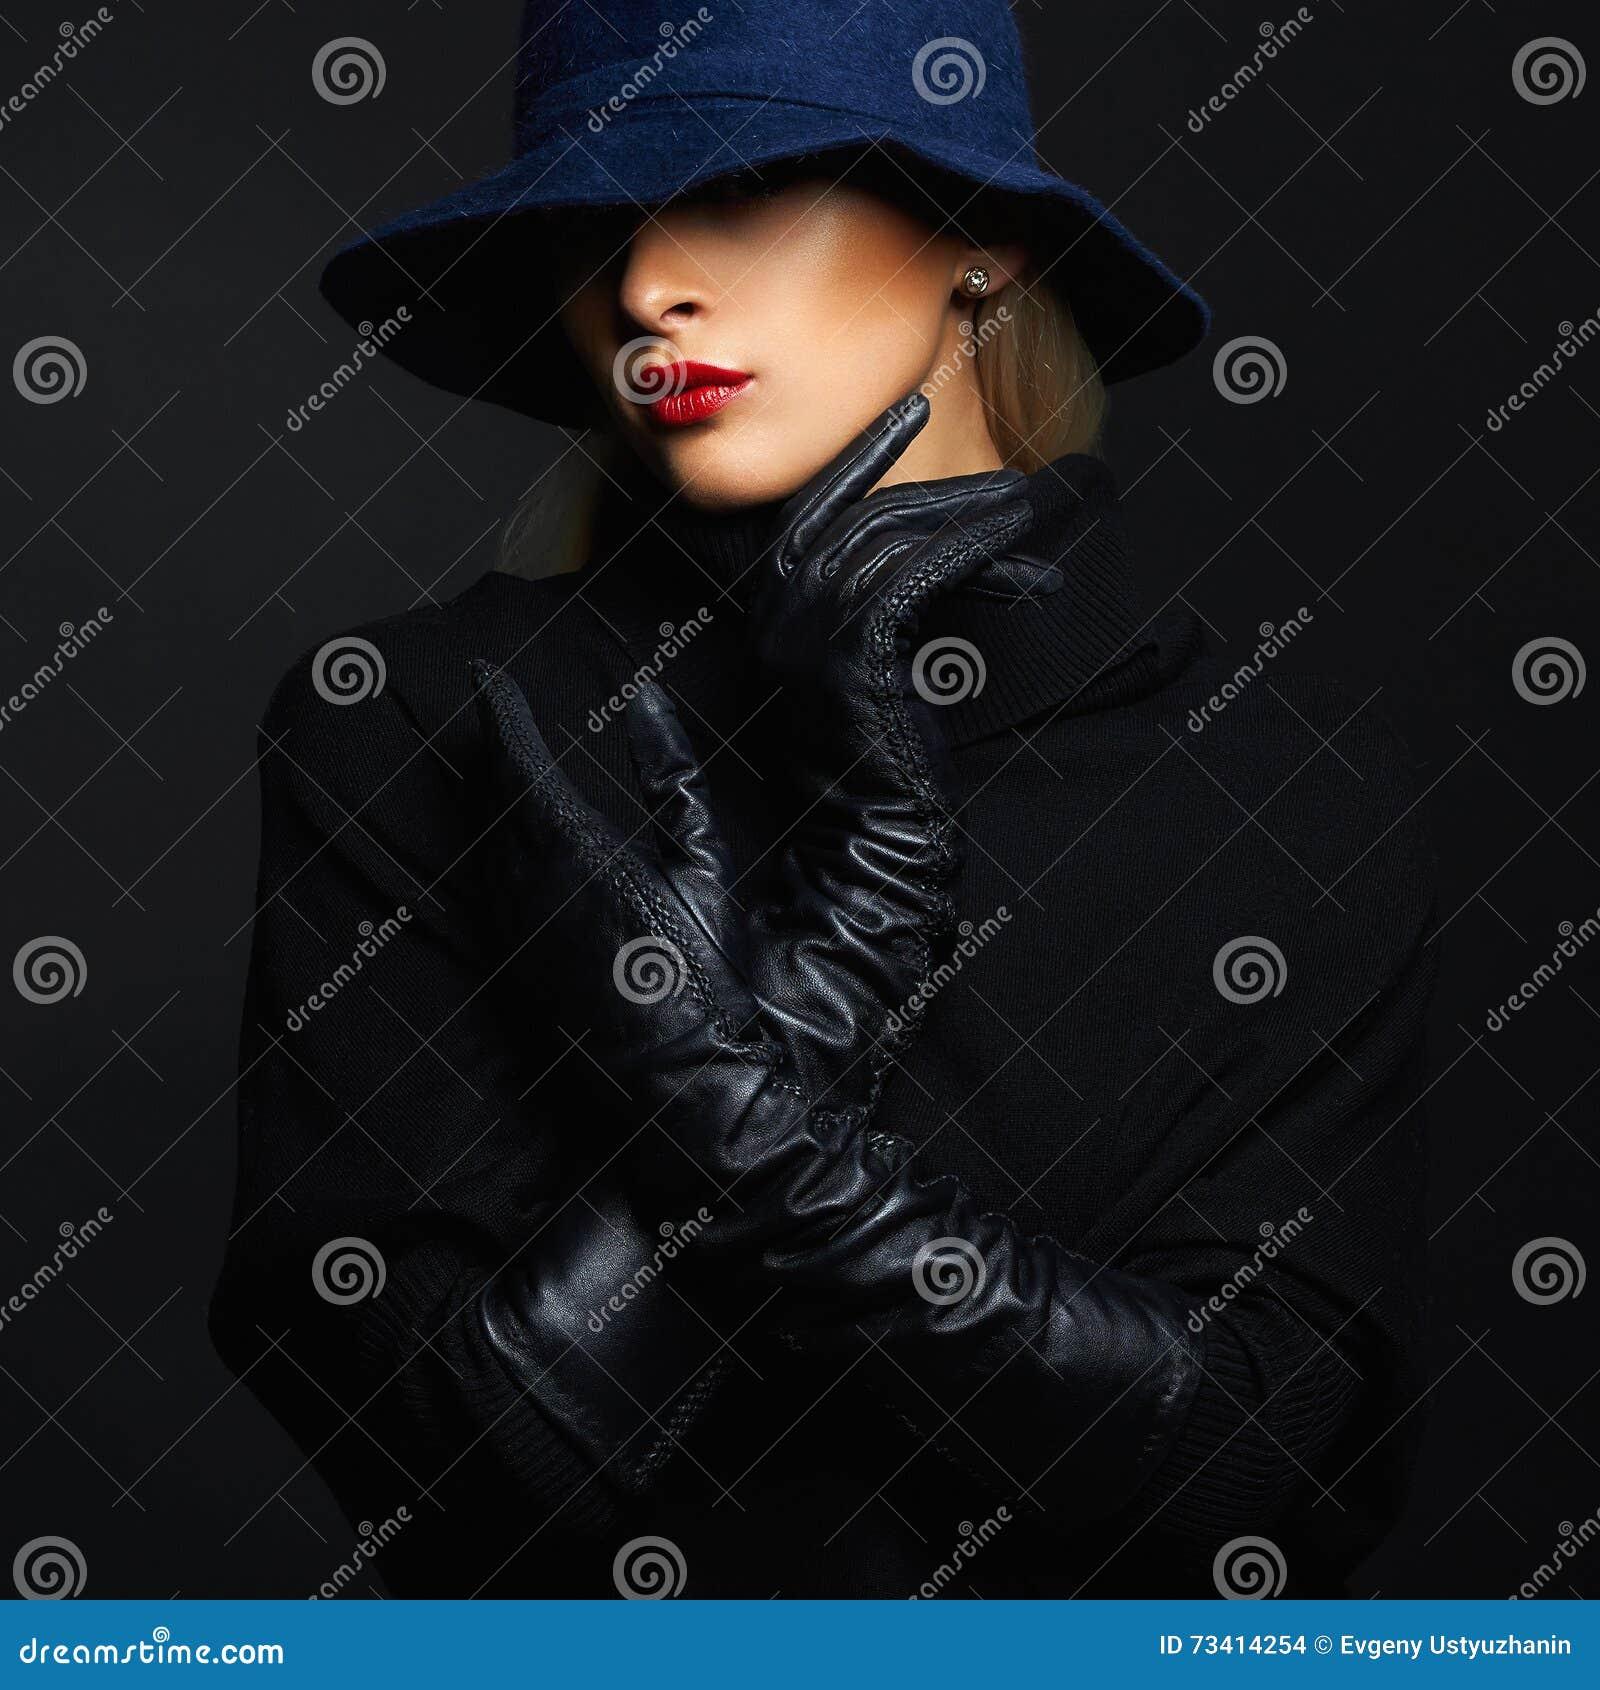 Piękna kobieta w kapeluszowych i rzemiennych rękawiczkach retro mody dziewczyna